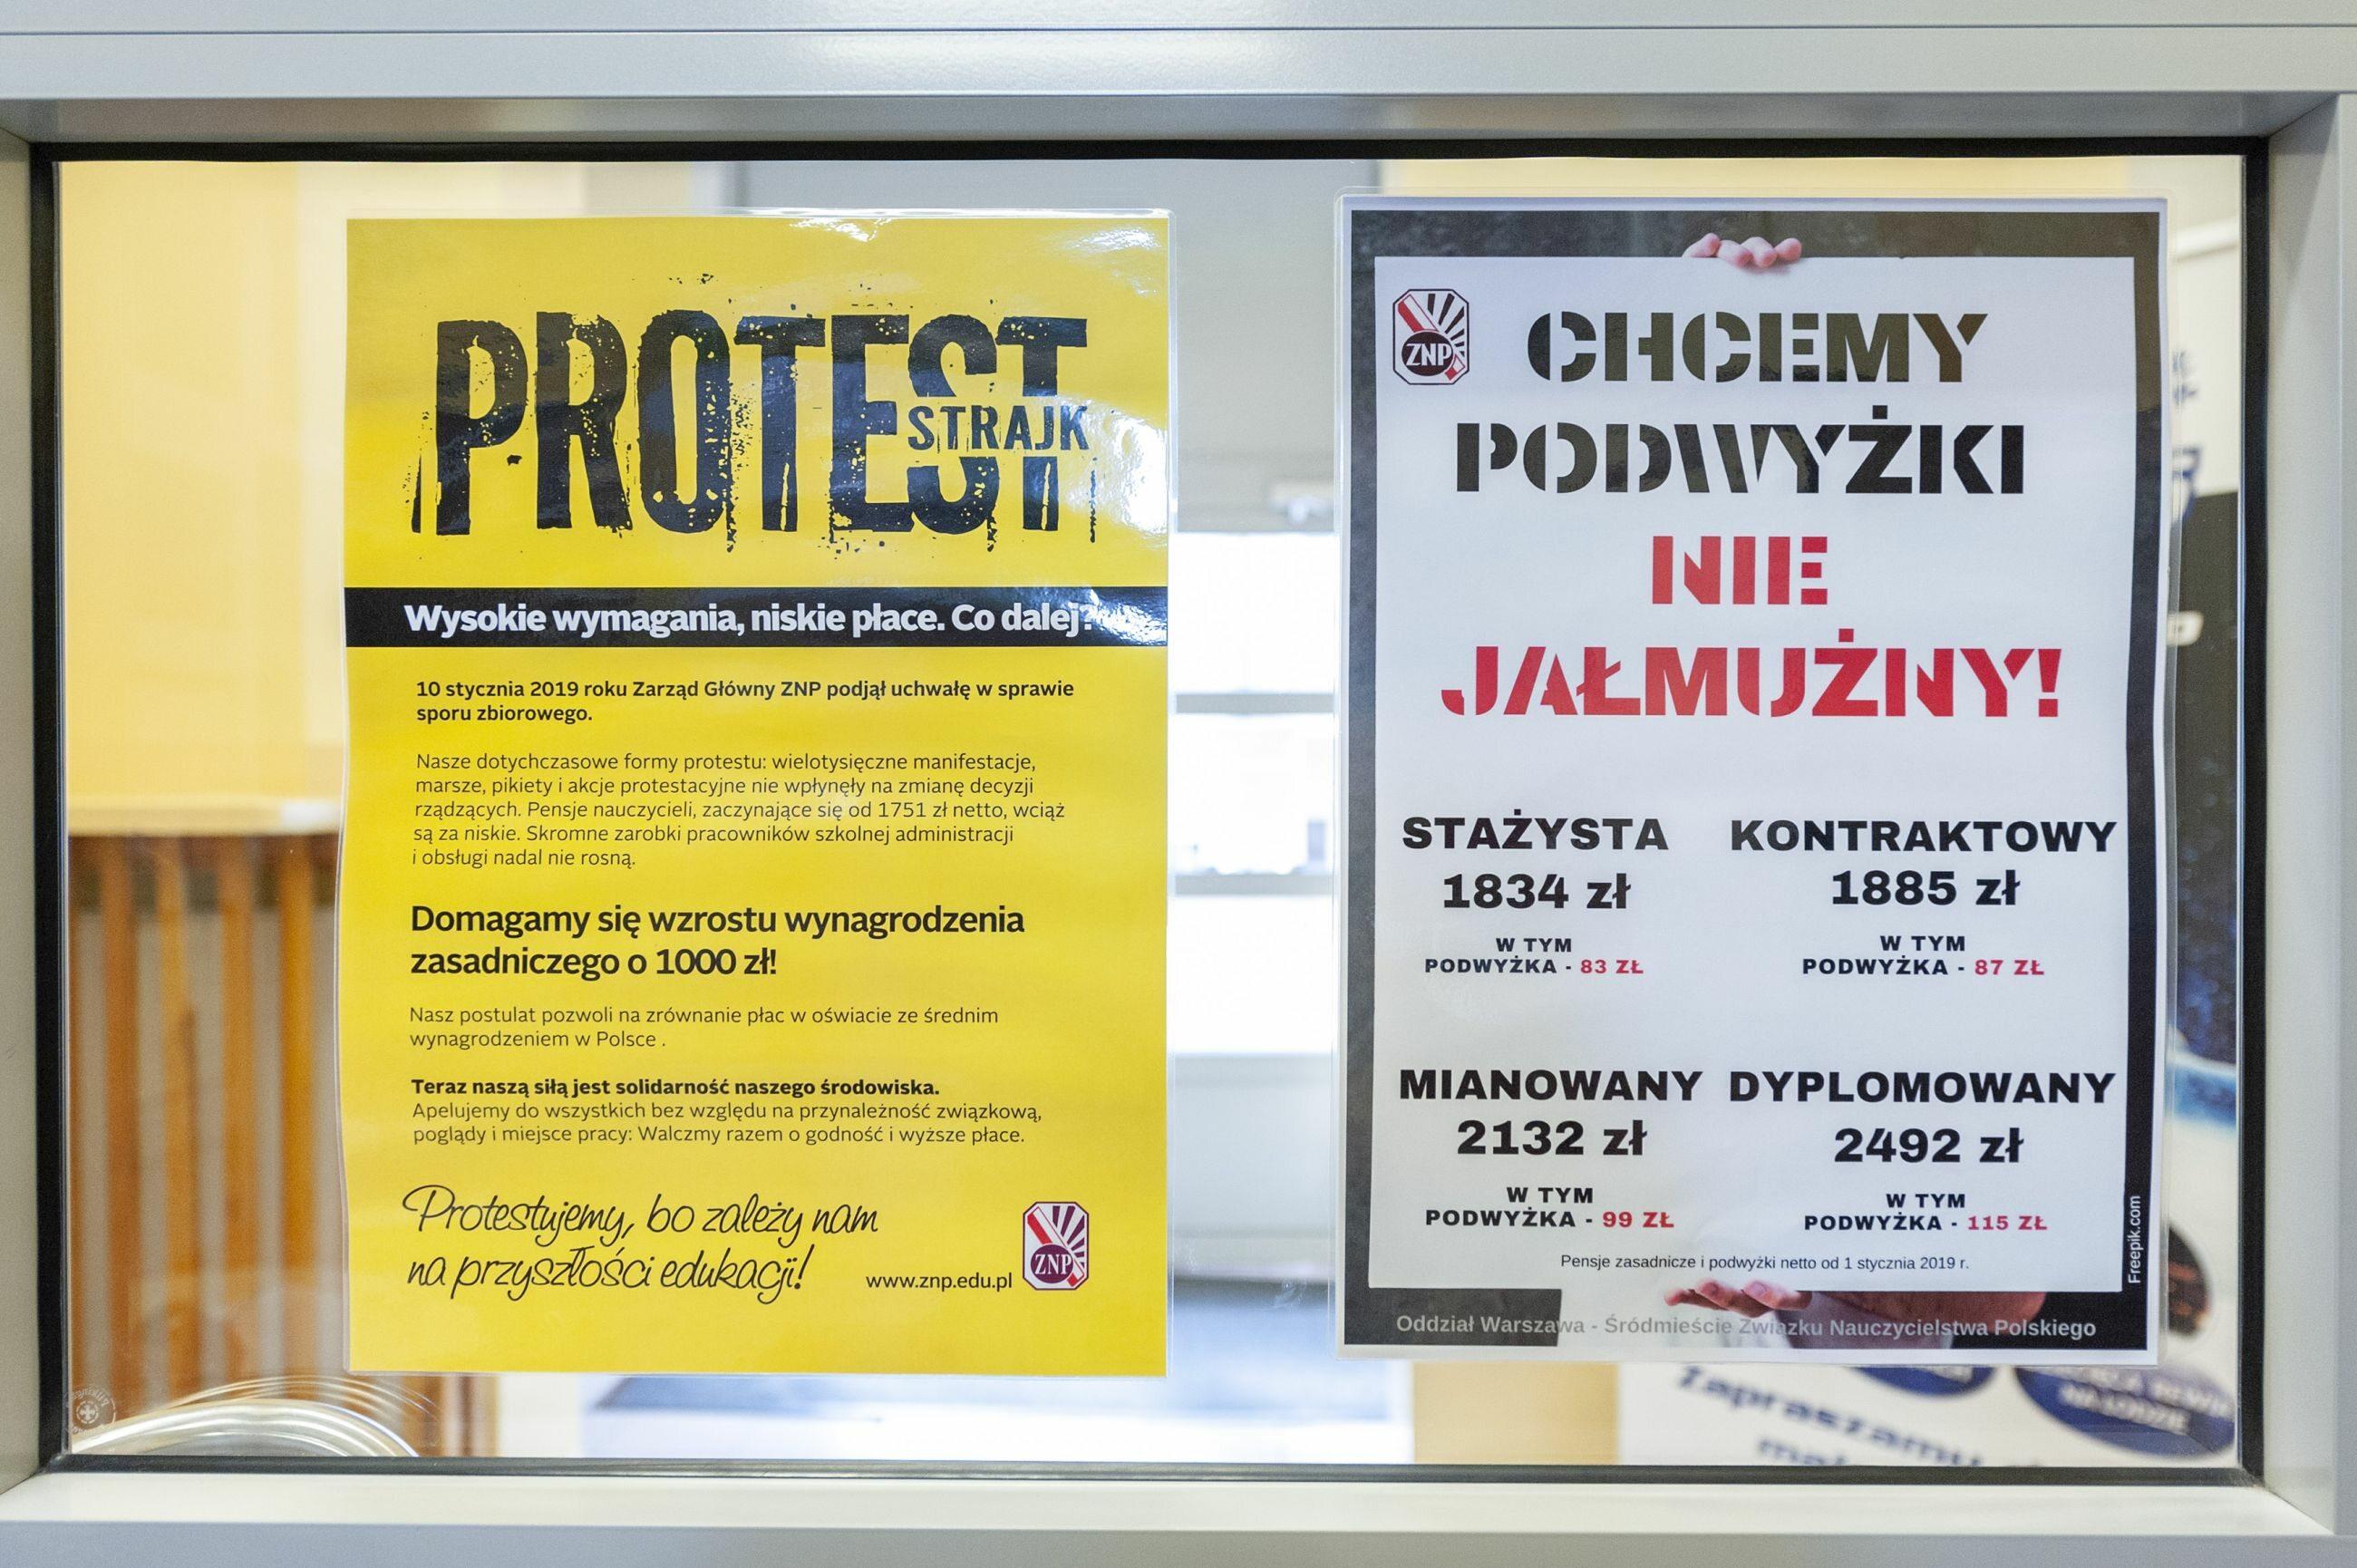 Strajk nauczycieli trwa od 8 kwietnia 2019 roku. Pewna polska piosenkarka postanowiła zorganizować koncert poparcia dla pedagogów. O kim mowa?